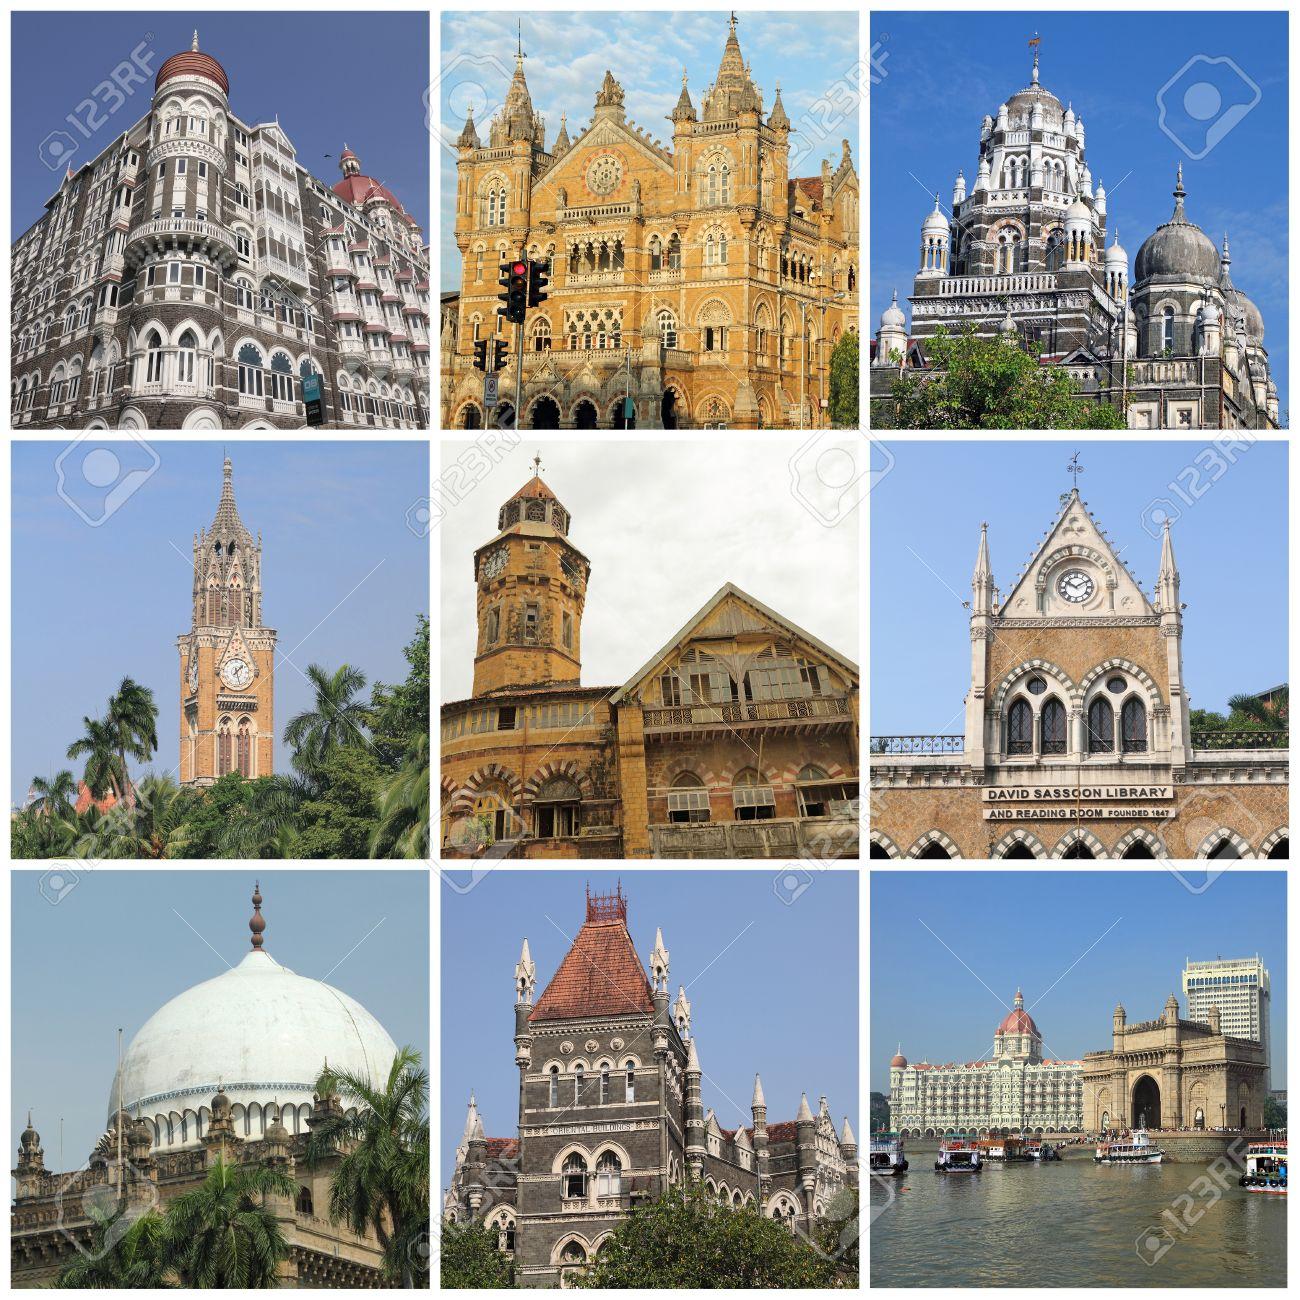 Punto de referencia de la India, la India Lugares Turísticos, famosos Puntos de referencia en la India